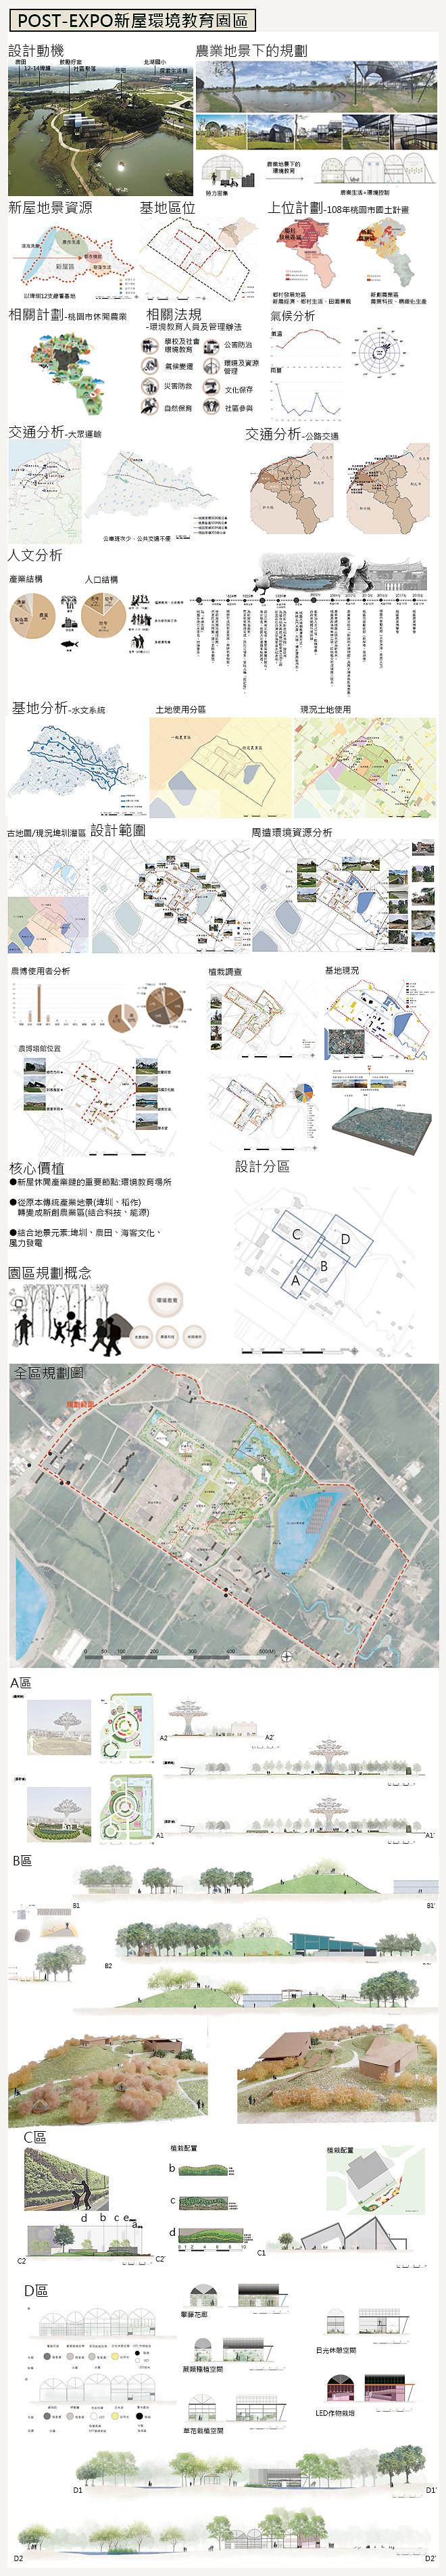 中原_4線上展-1.jpg